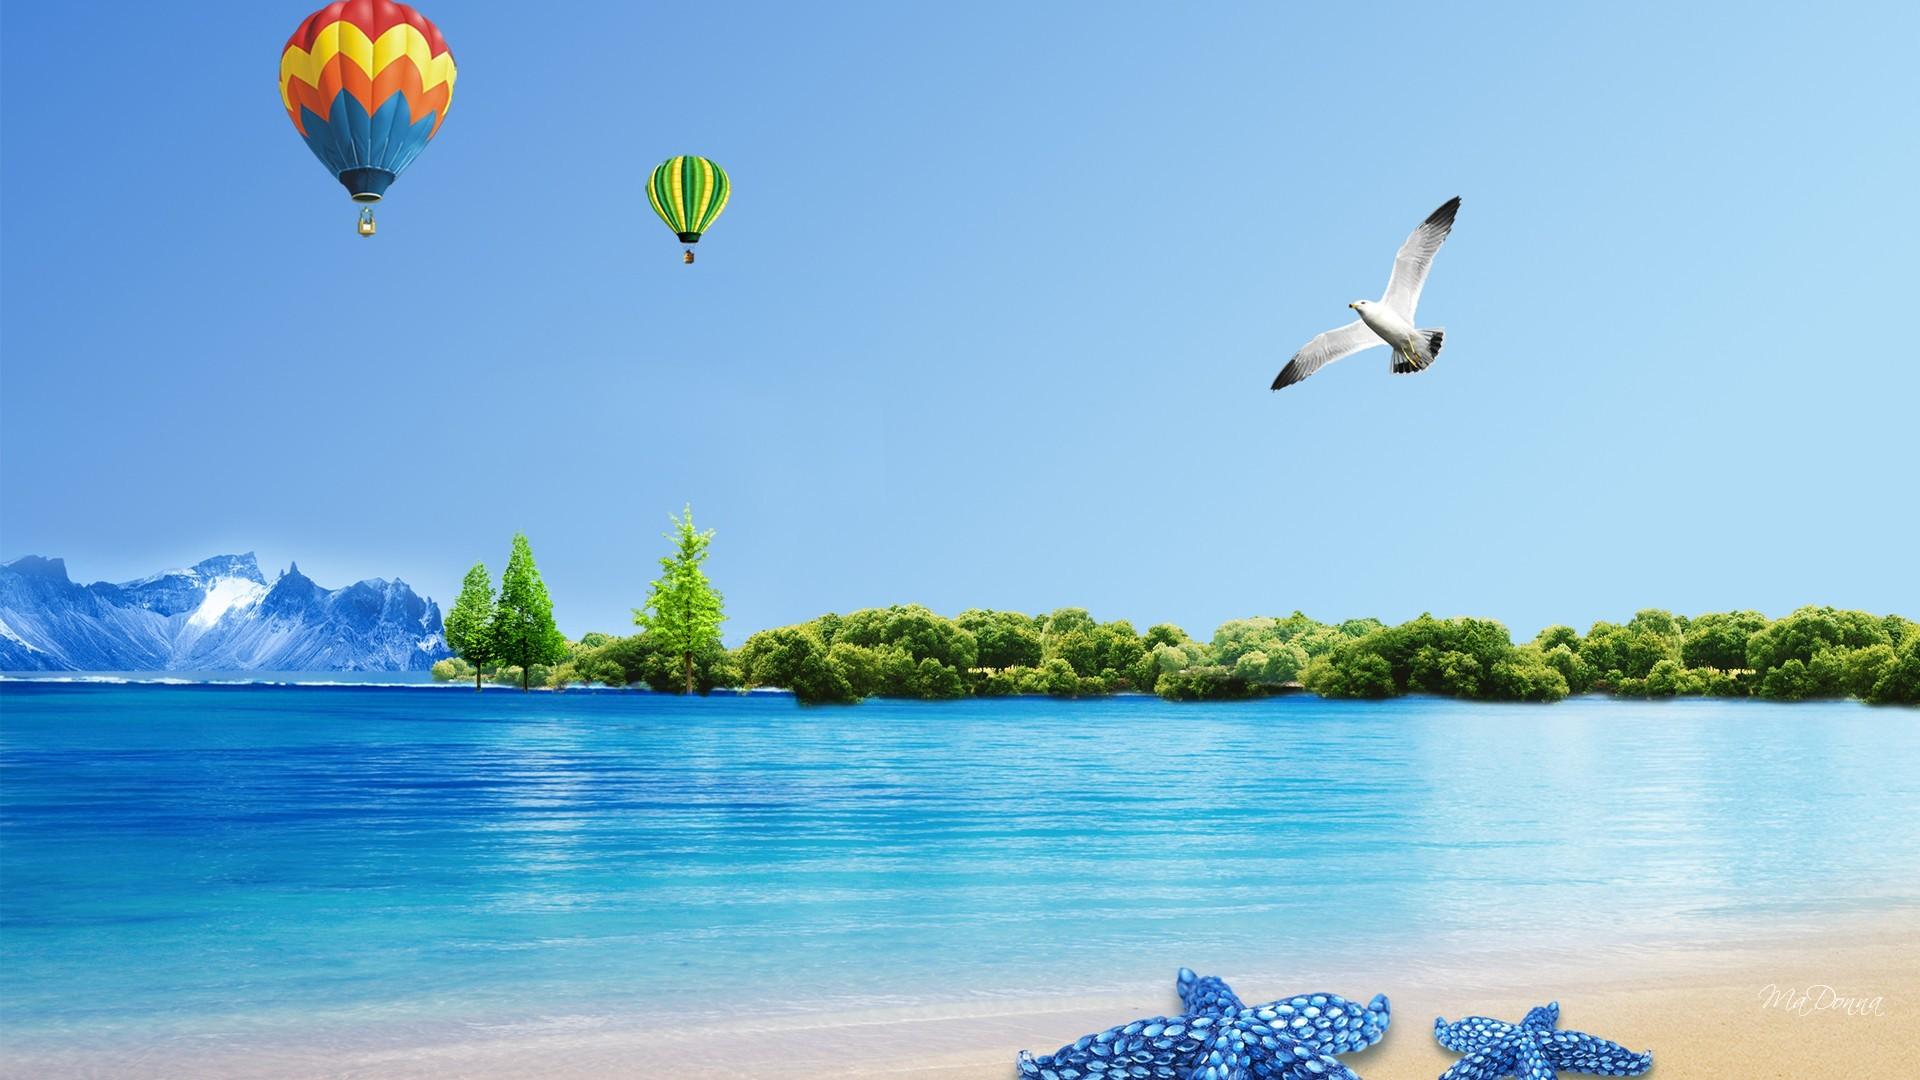 Fun Free Summer Desktop Backgrounds